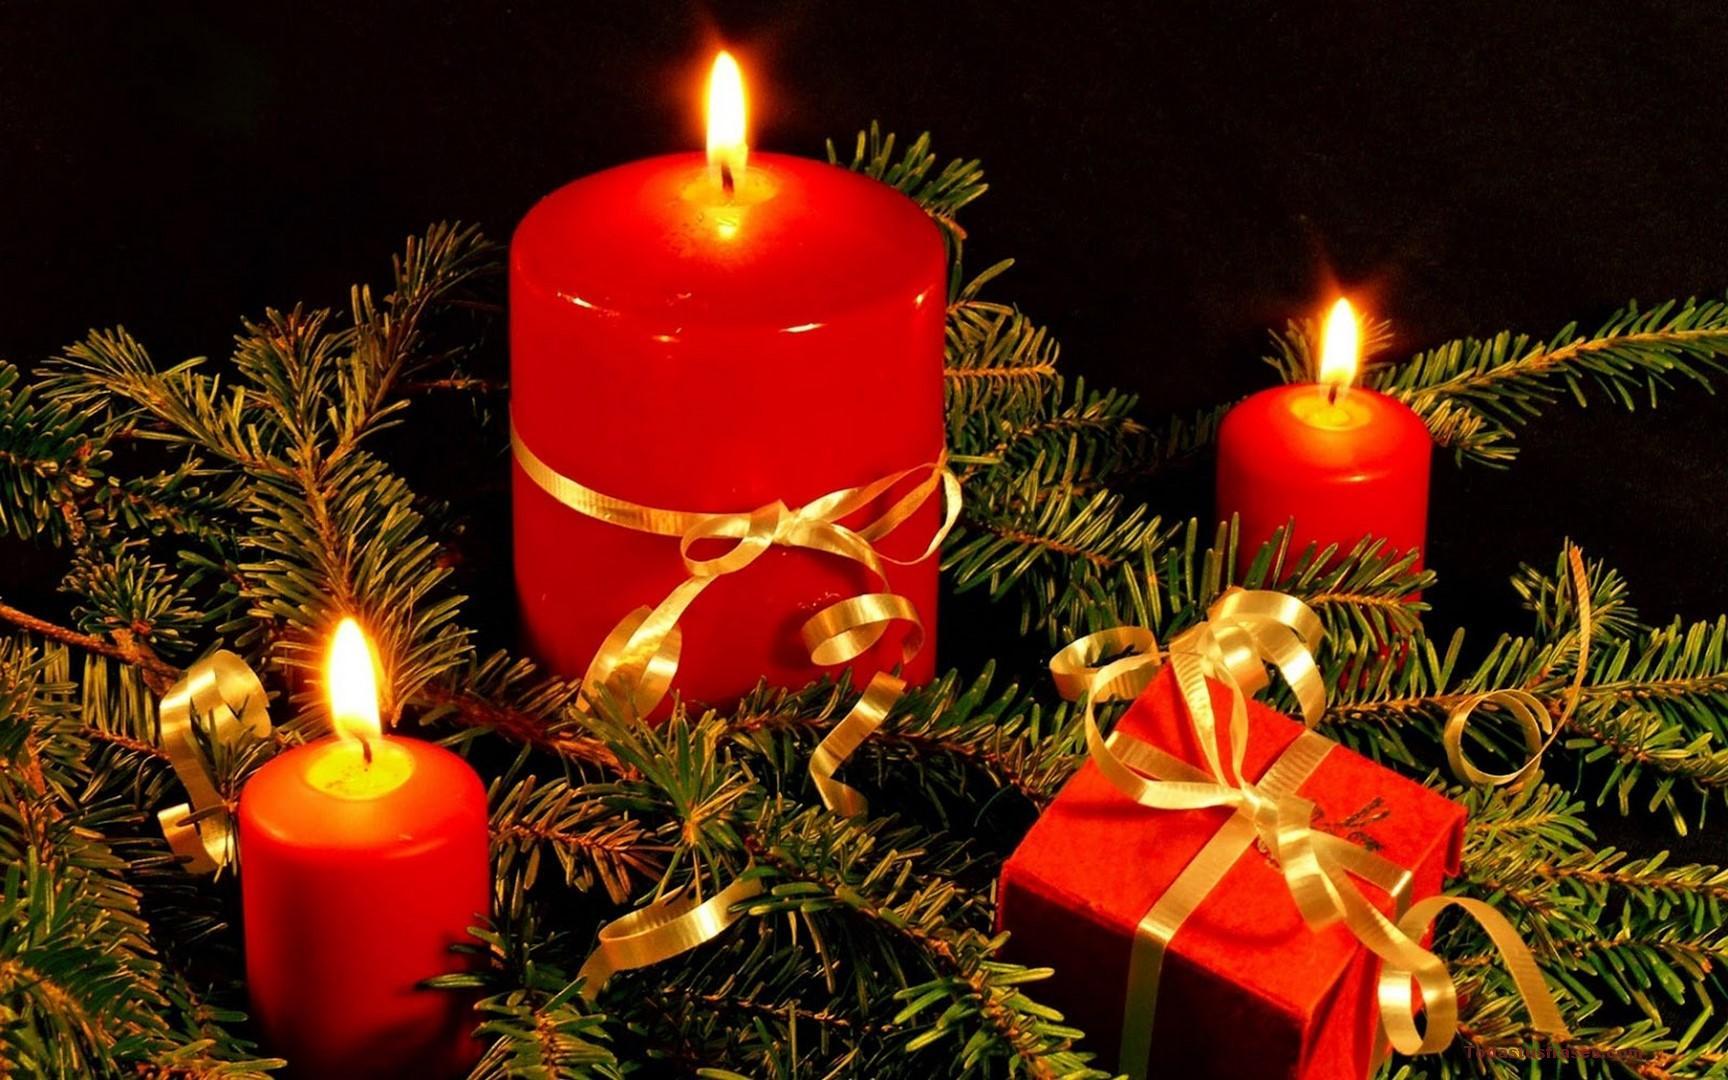 Fondos Pantalla Animados De Navidad: Fondos De Pantalla De Navidad